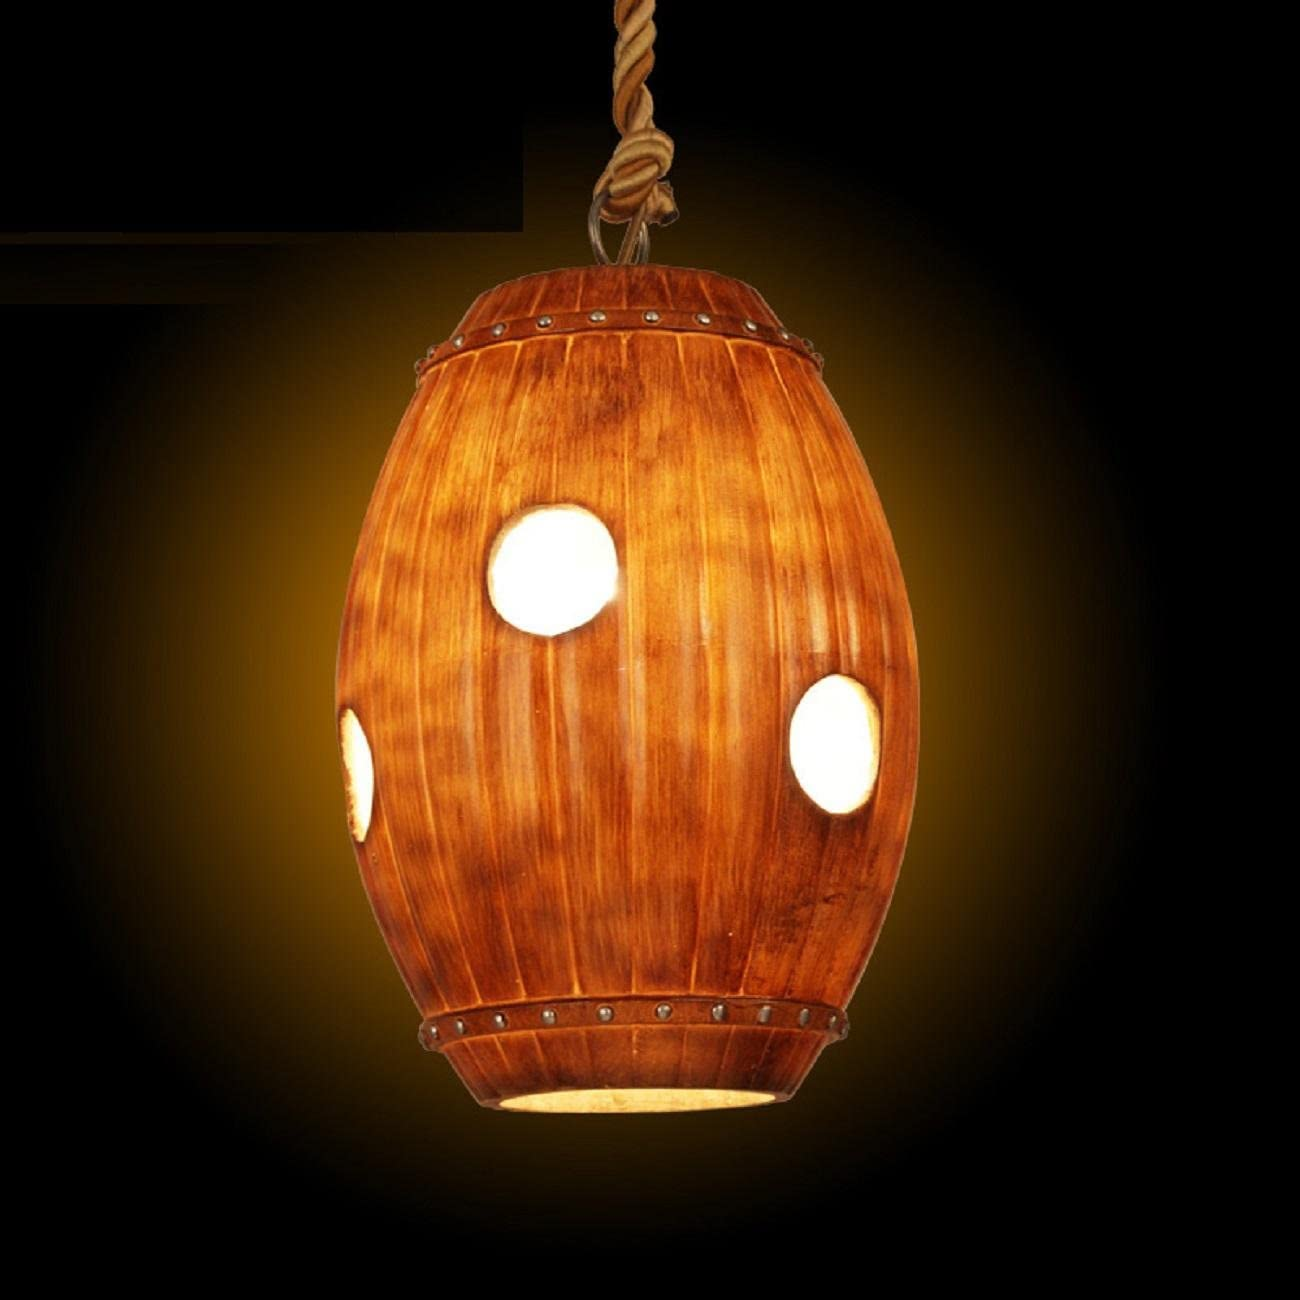 Maniny Retro Nostalgia Creativa Barra de Resina Chandelier Inn teahouse Restaurante Bar lámpara Cerveza Cubo de decoración Lámparas de suspensión